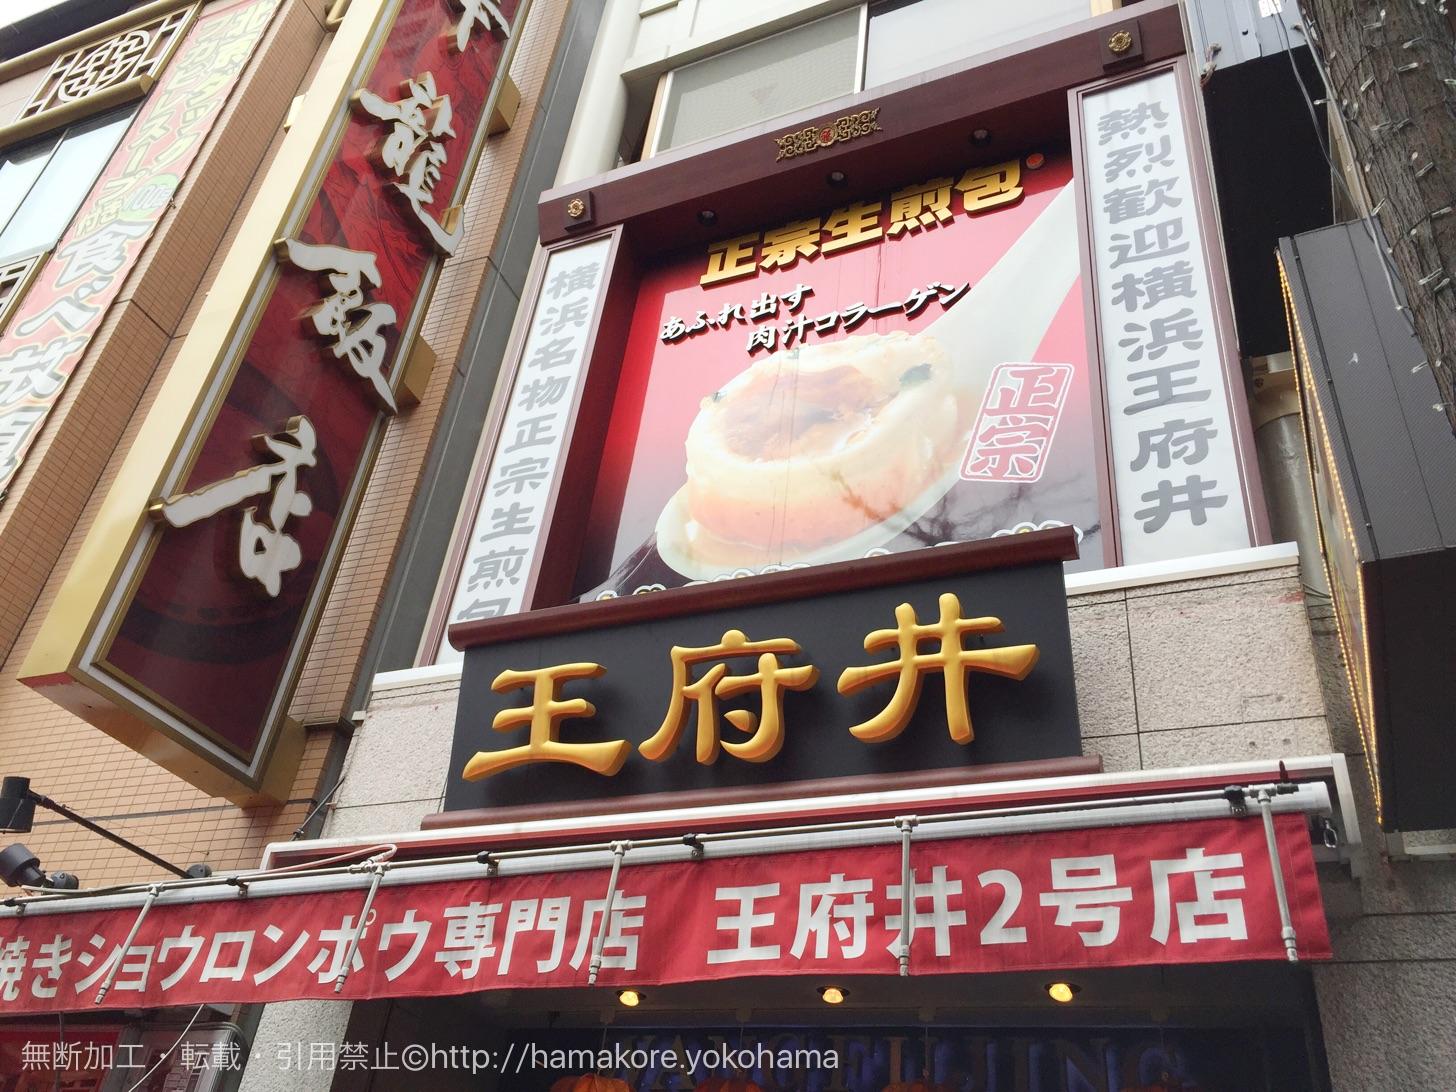 王府井 2号店 外観